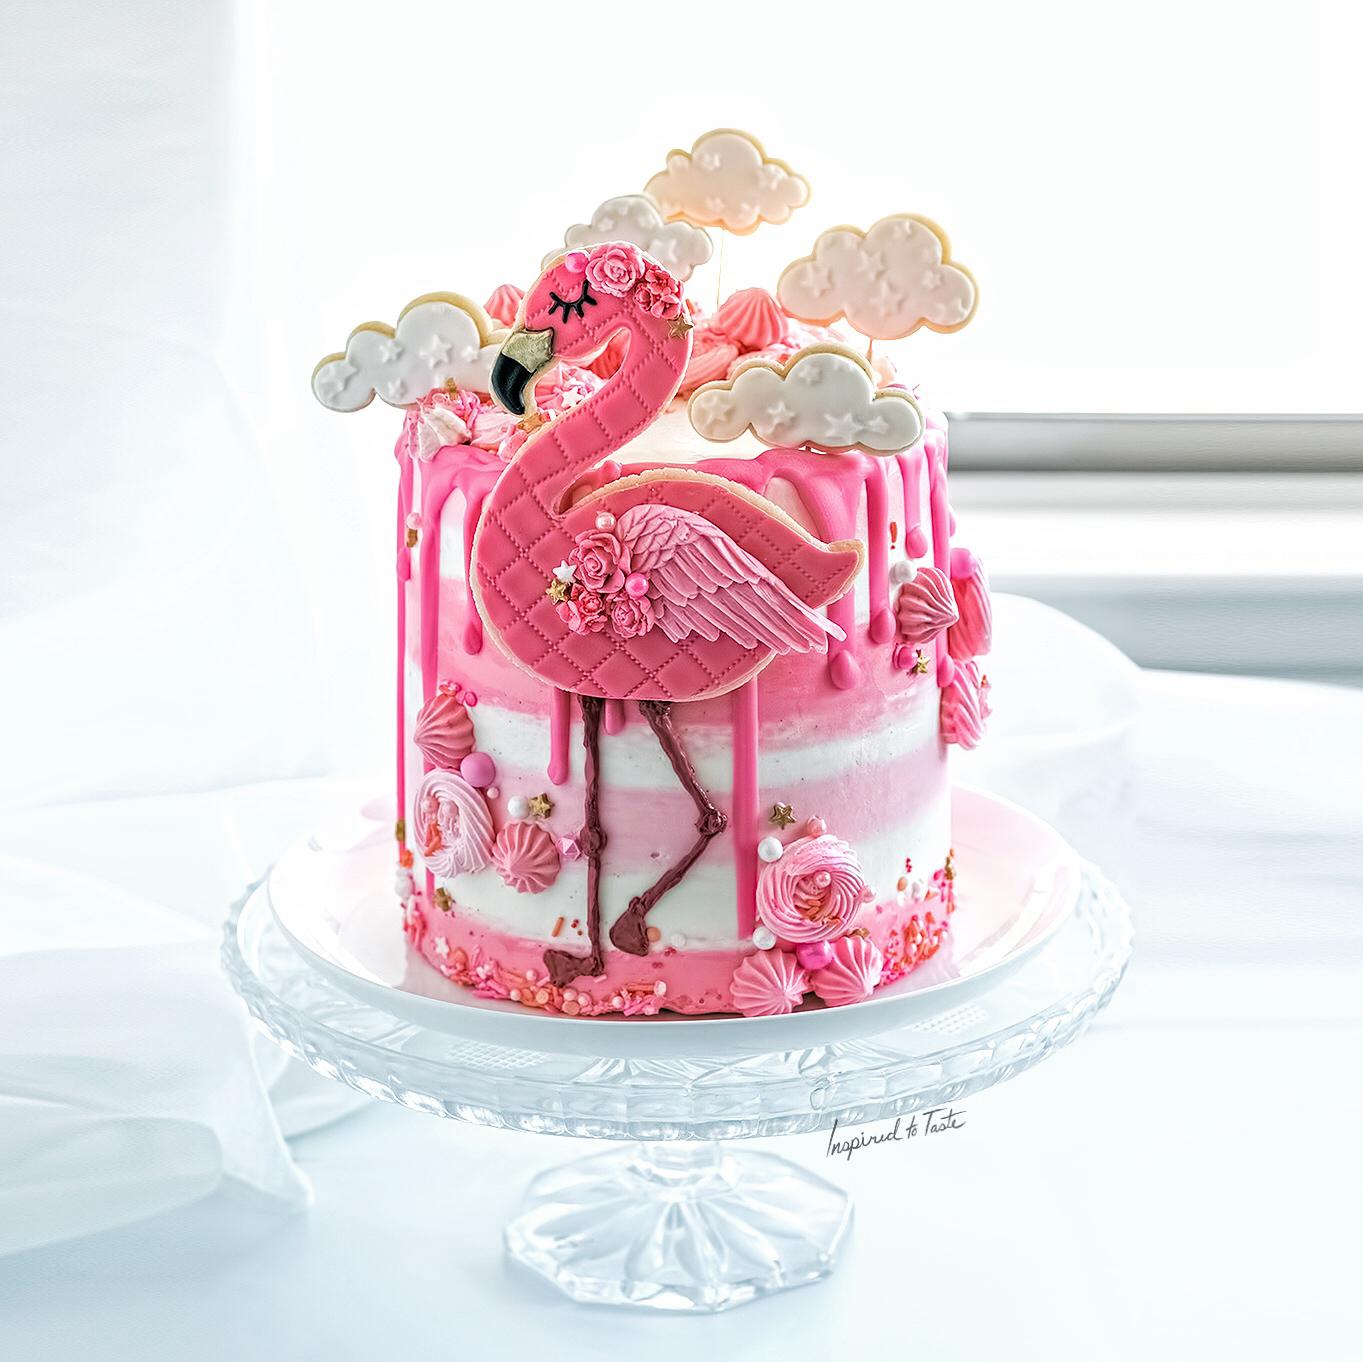 Pink and white flamingo birthday cake